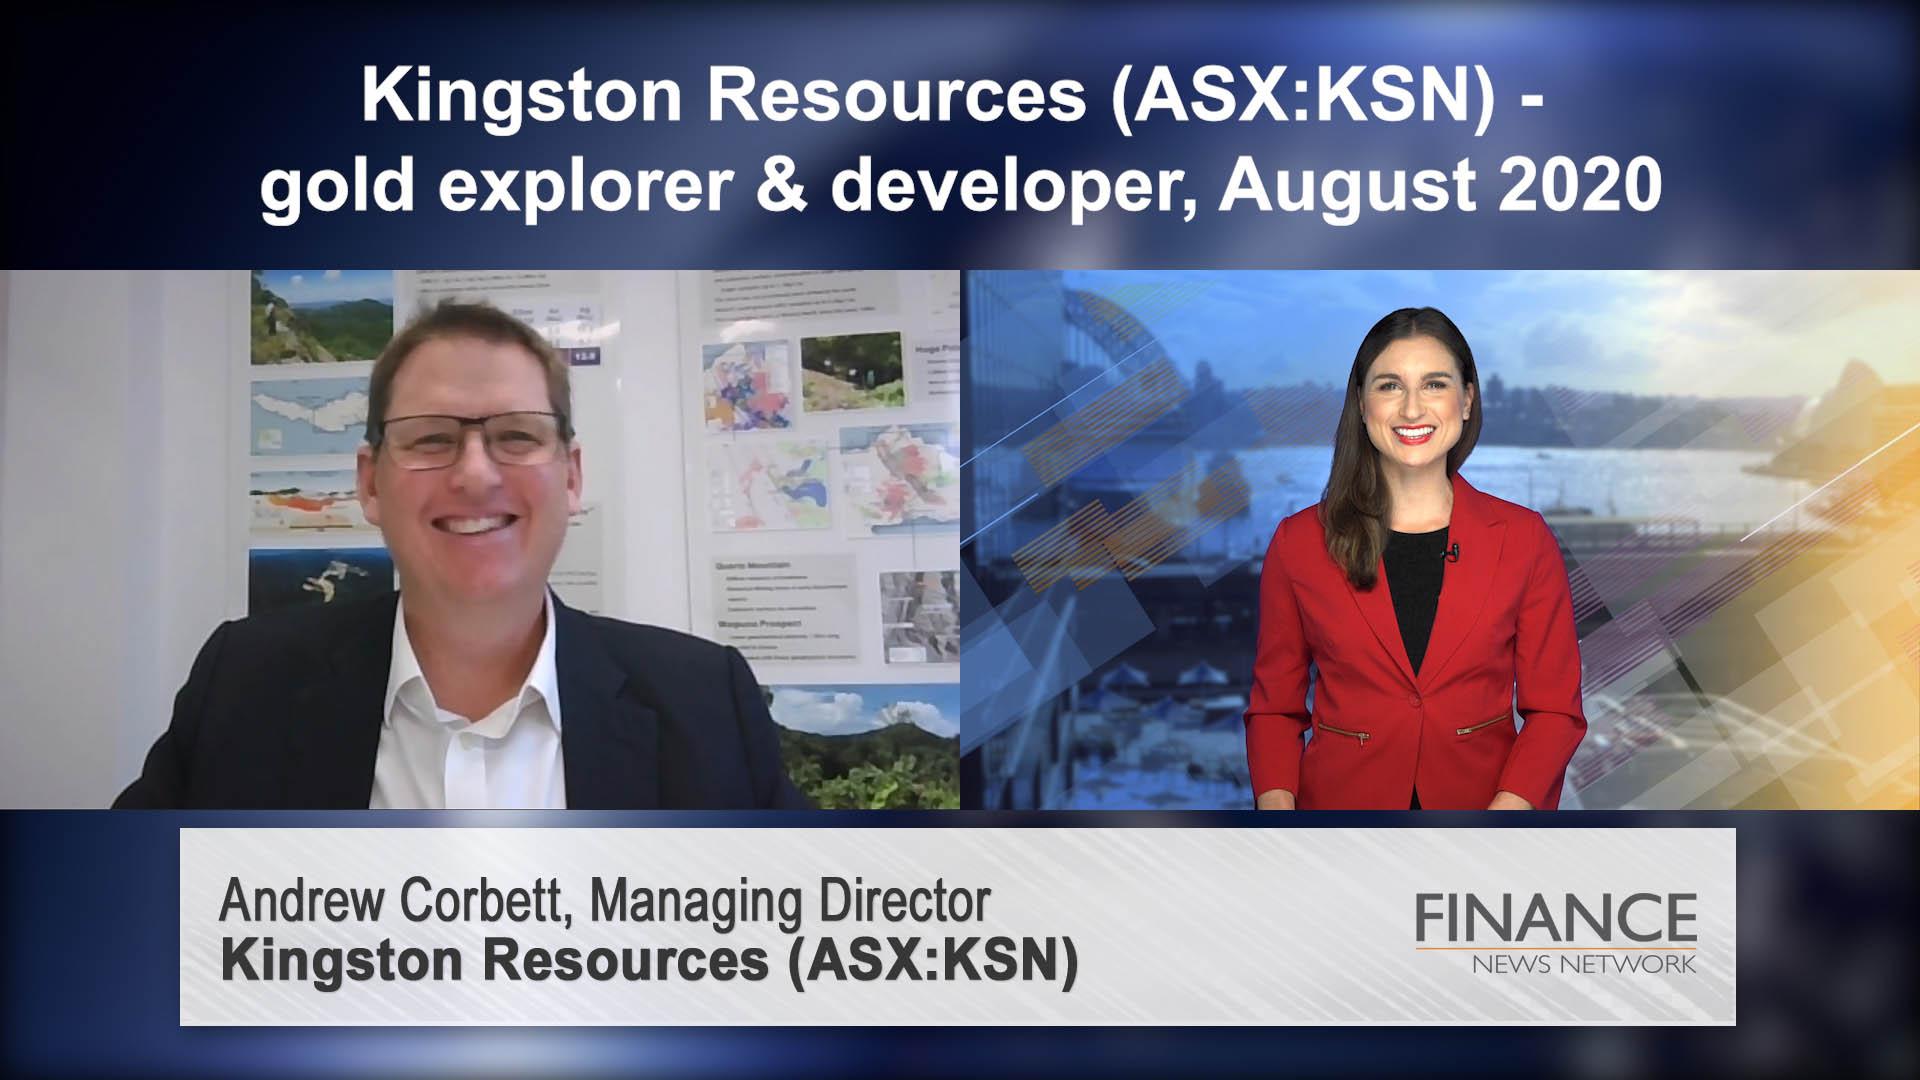 Kingston Resources (ASX:KSN) - gold explorer & developer